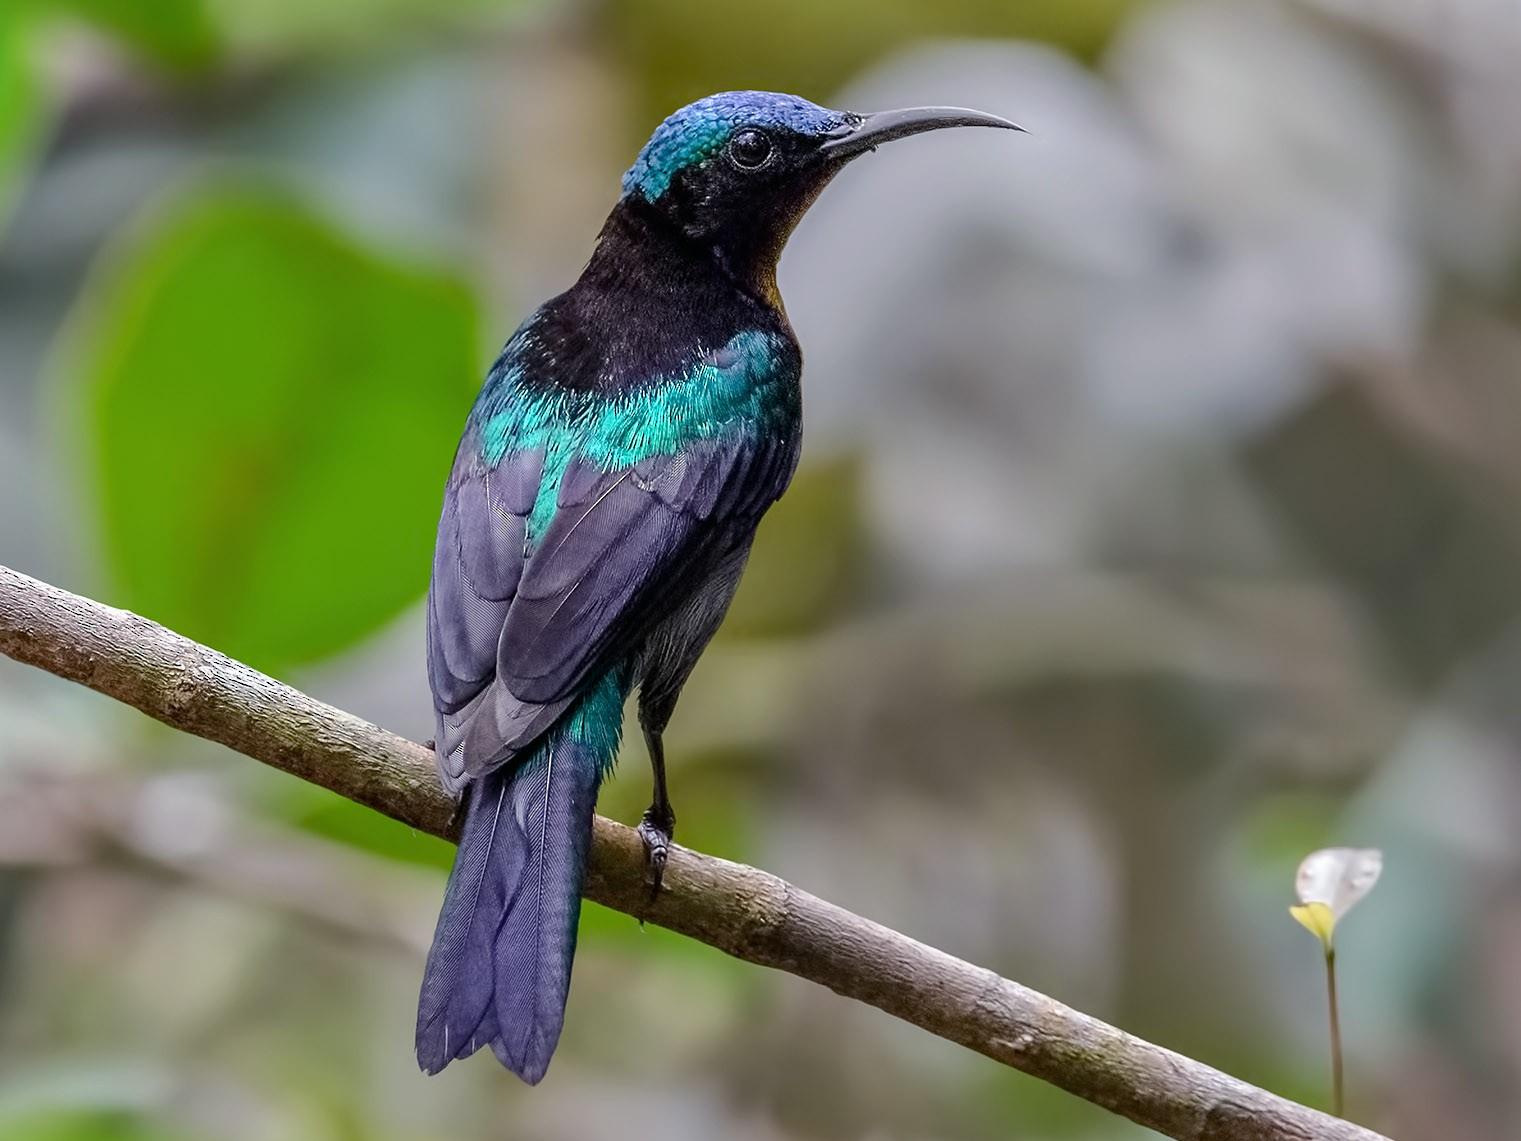 Copper-throated Sunbird - Zhong Ying Koay